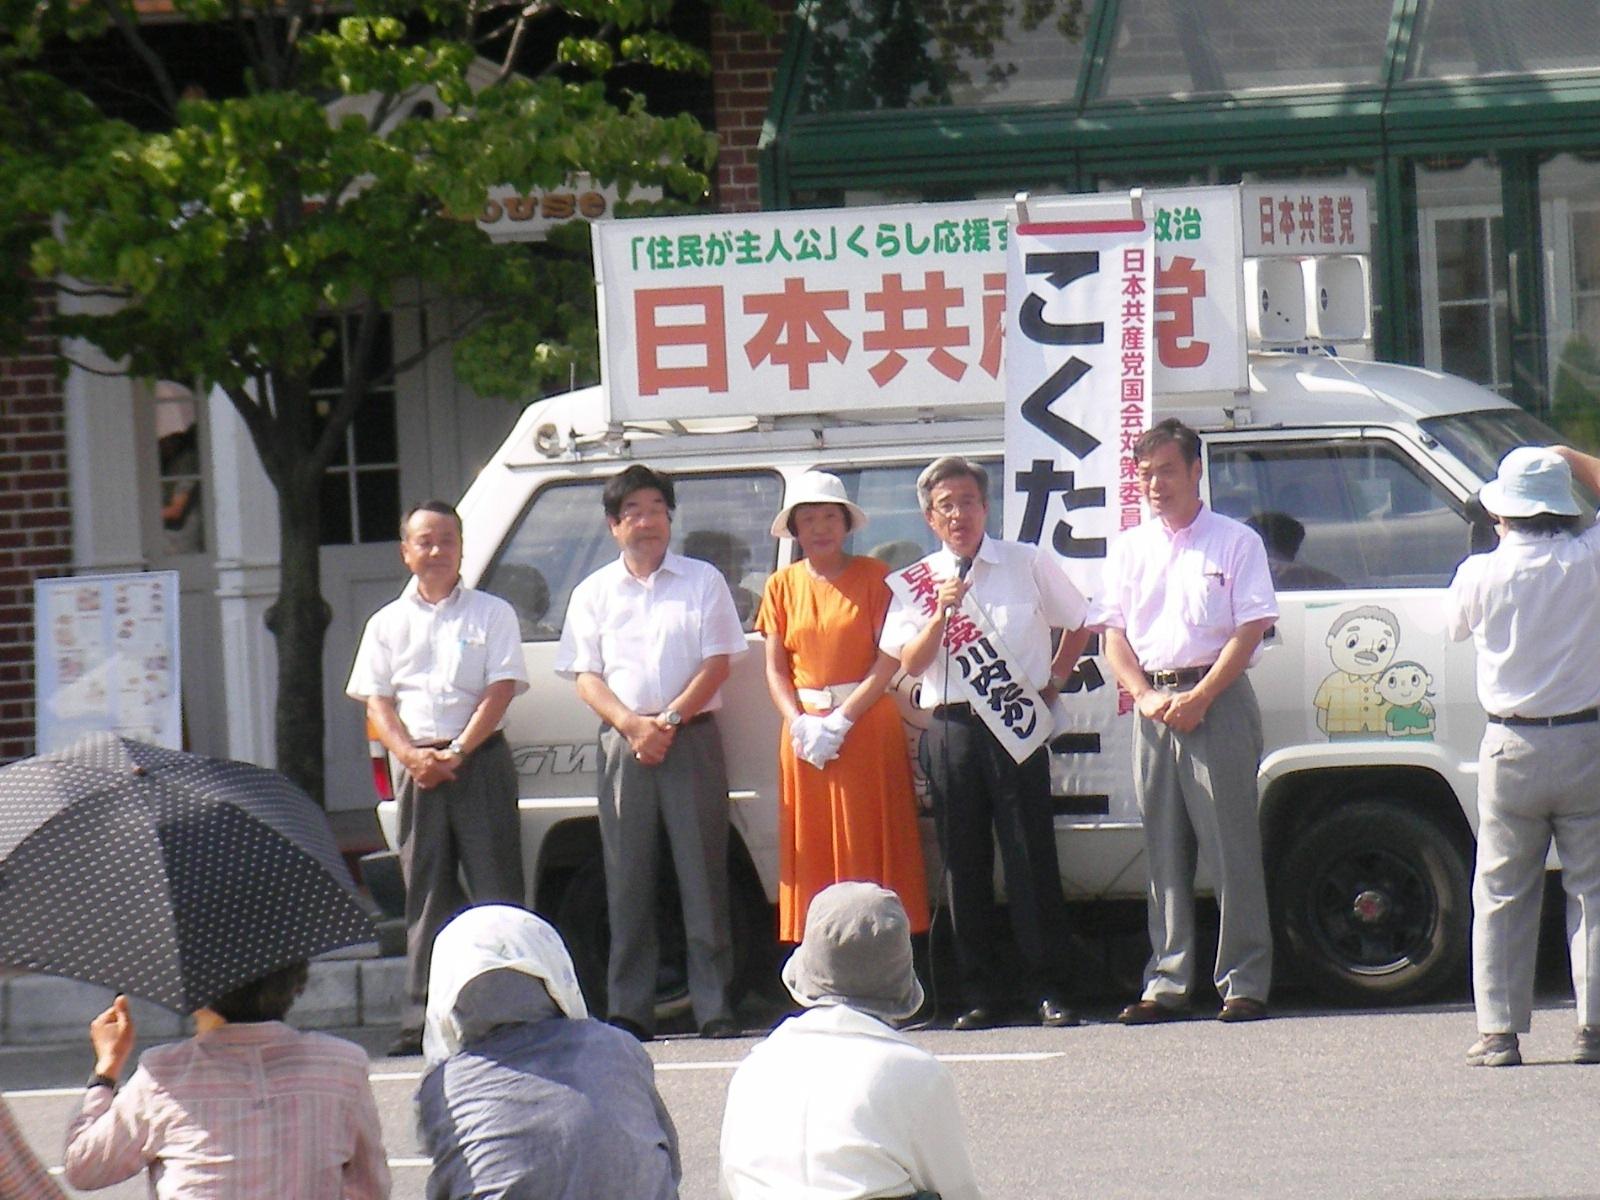 草津市内で終戦の日街頭演説